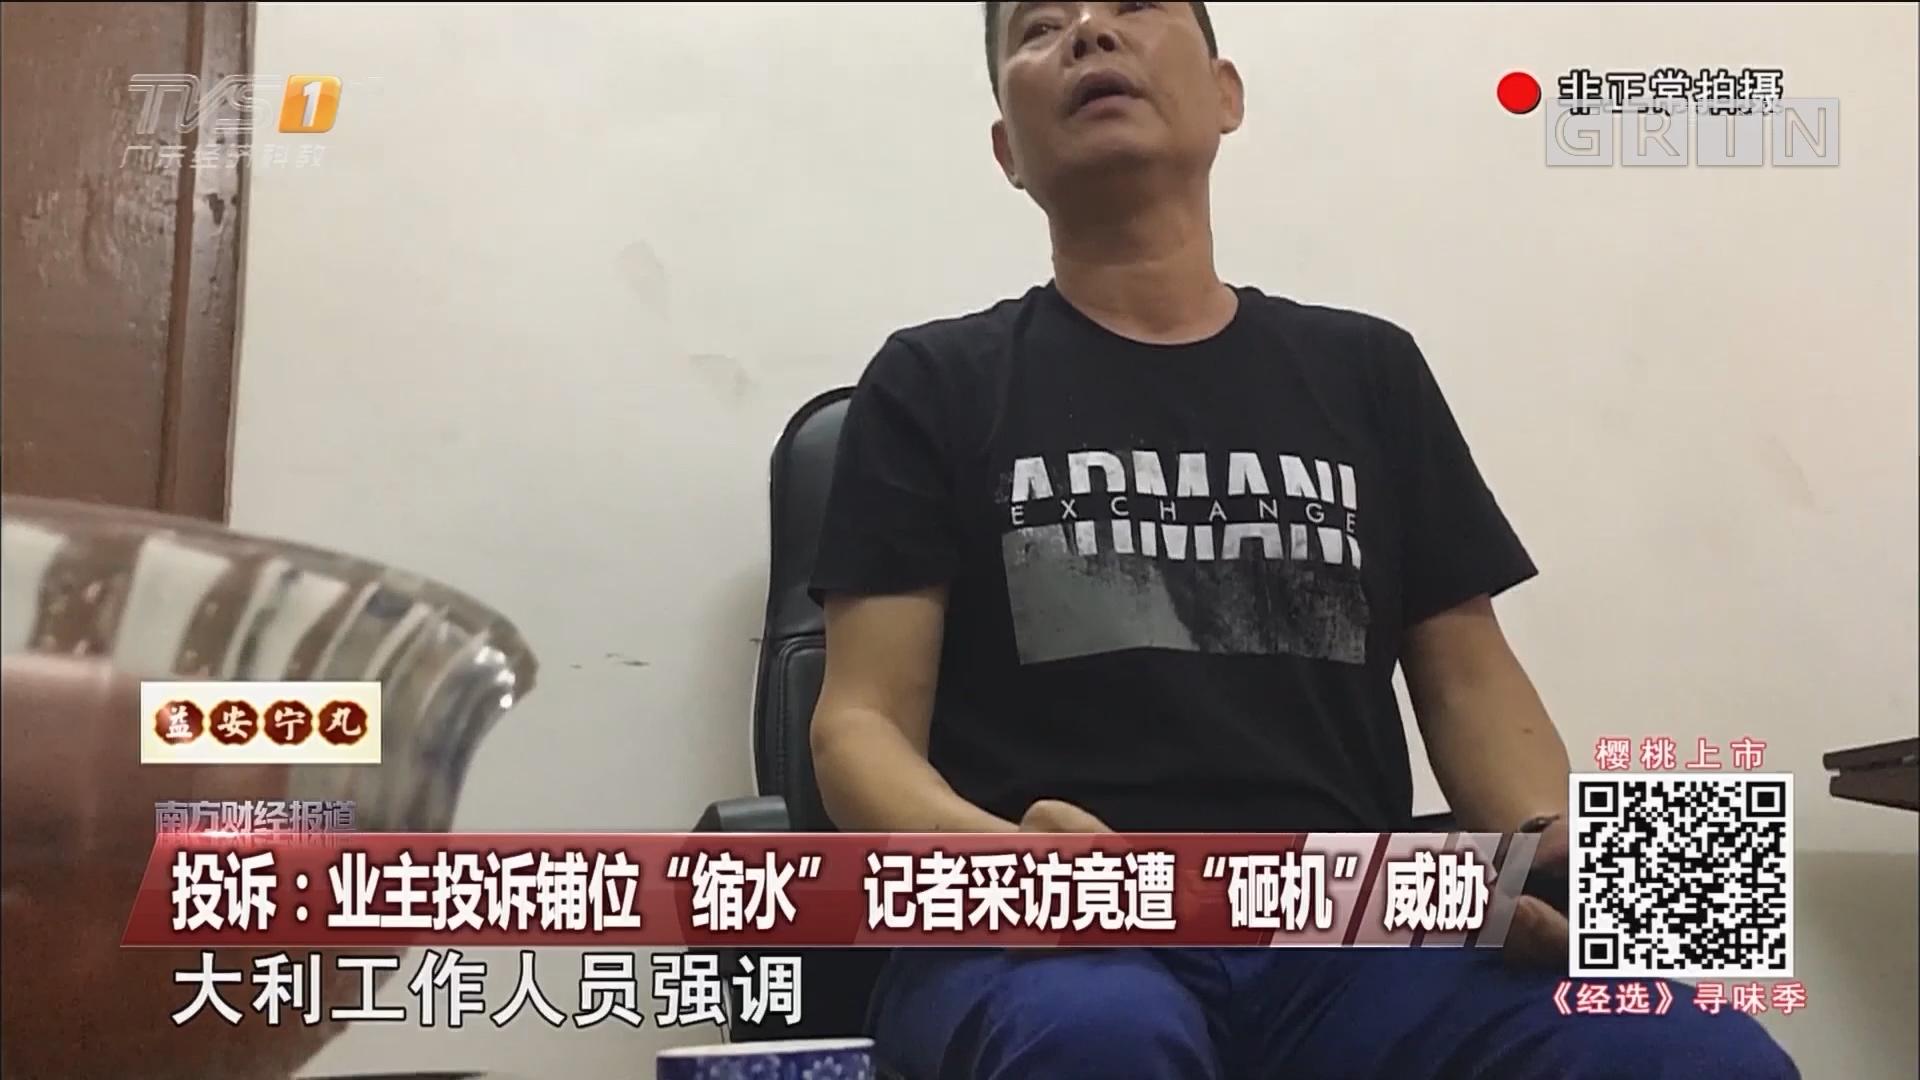 """投诉:业主投诉铺位""""缩水"""" 记者采访竟遭""""砸机""""威胁"""